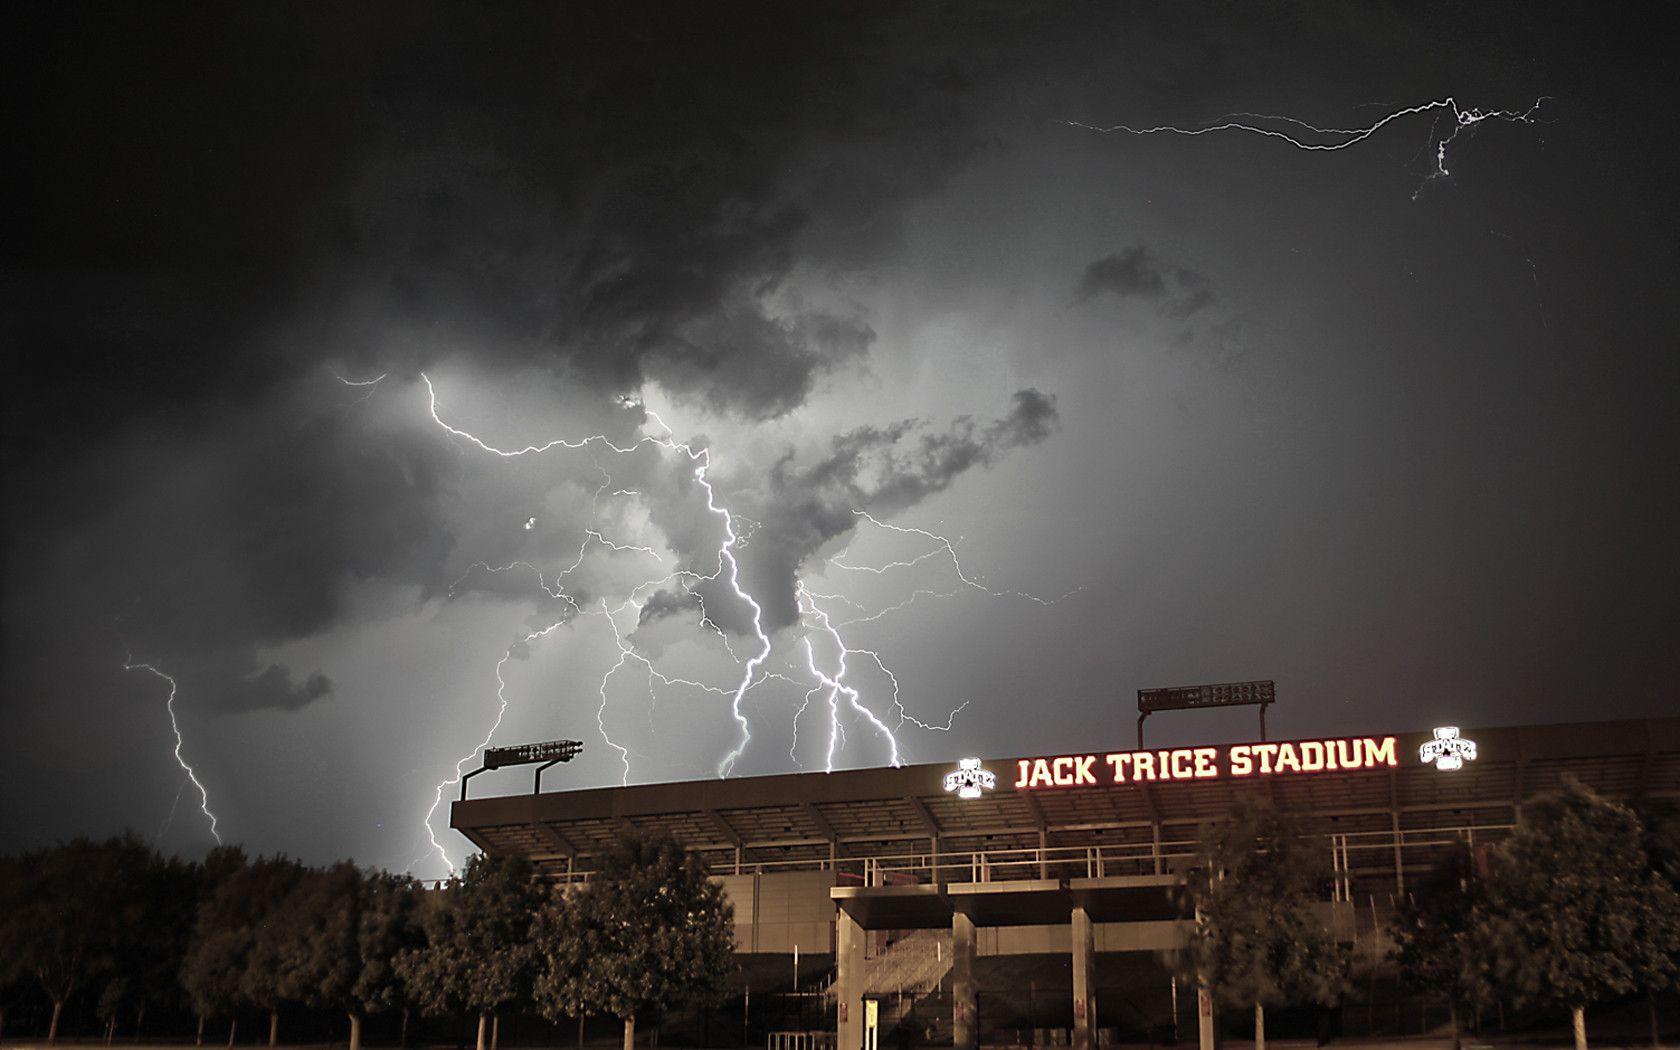 Jack Trice Stadium Love Iowa State Cyclones Football Iowa State Football Iowa State Cyclones